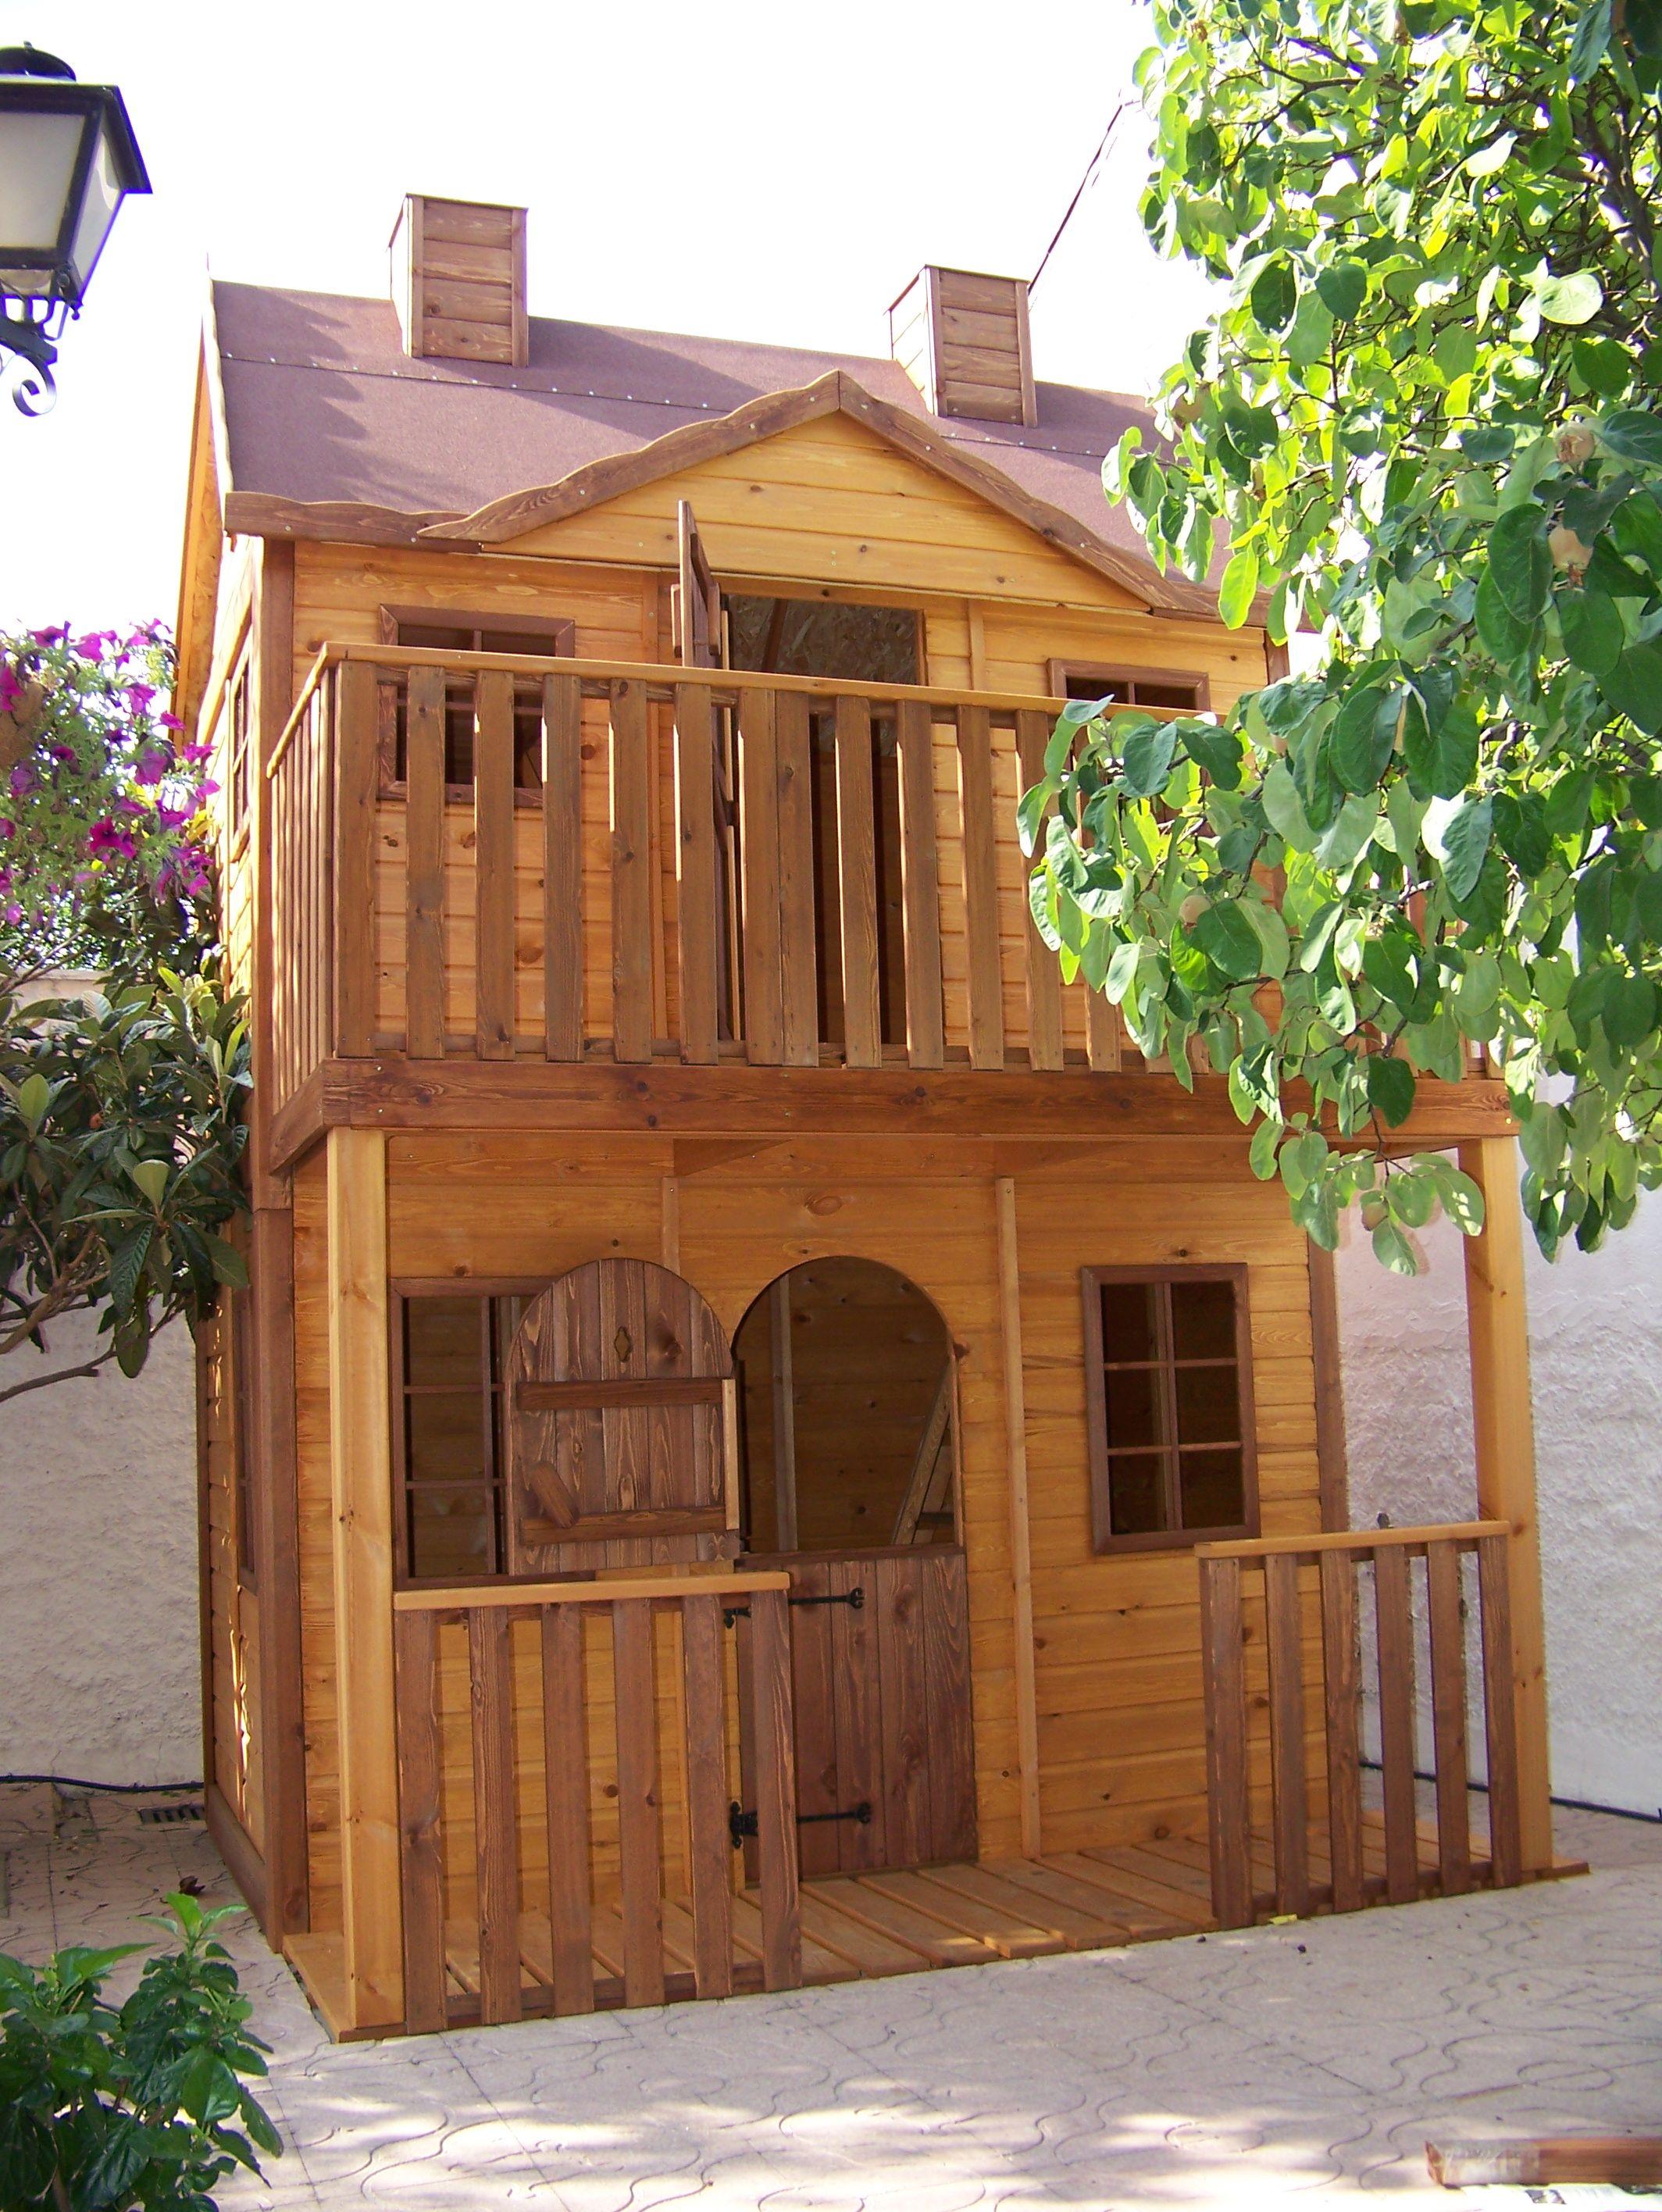 Casita de madera infantil villa orleans en color miel for Casitas infantiles jardin baratas